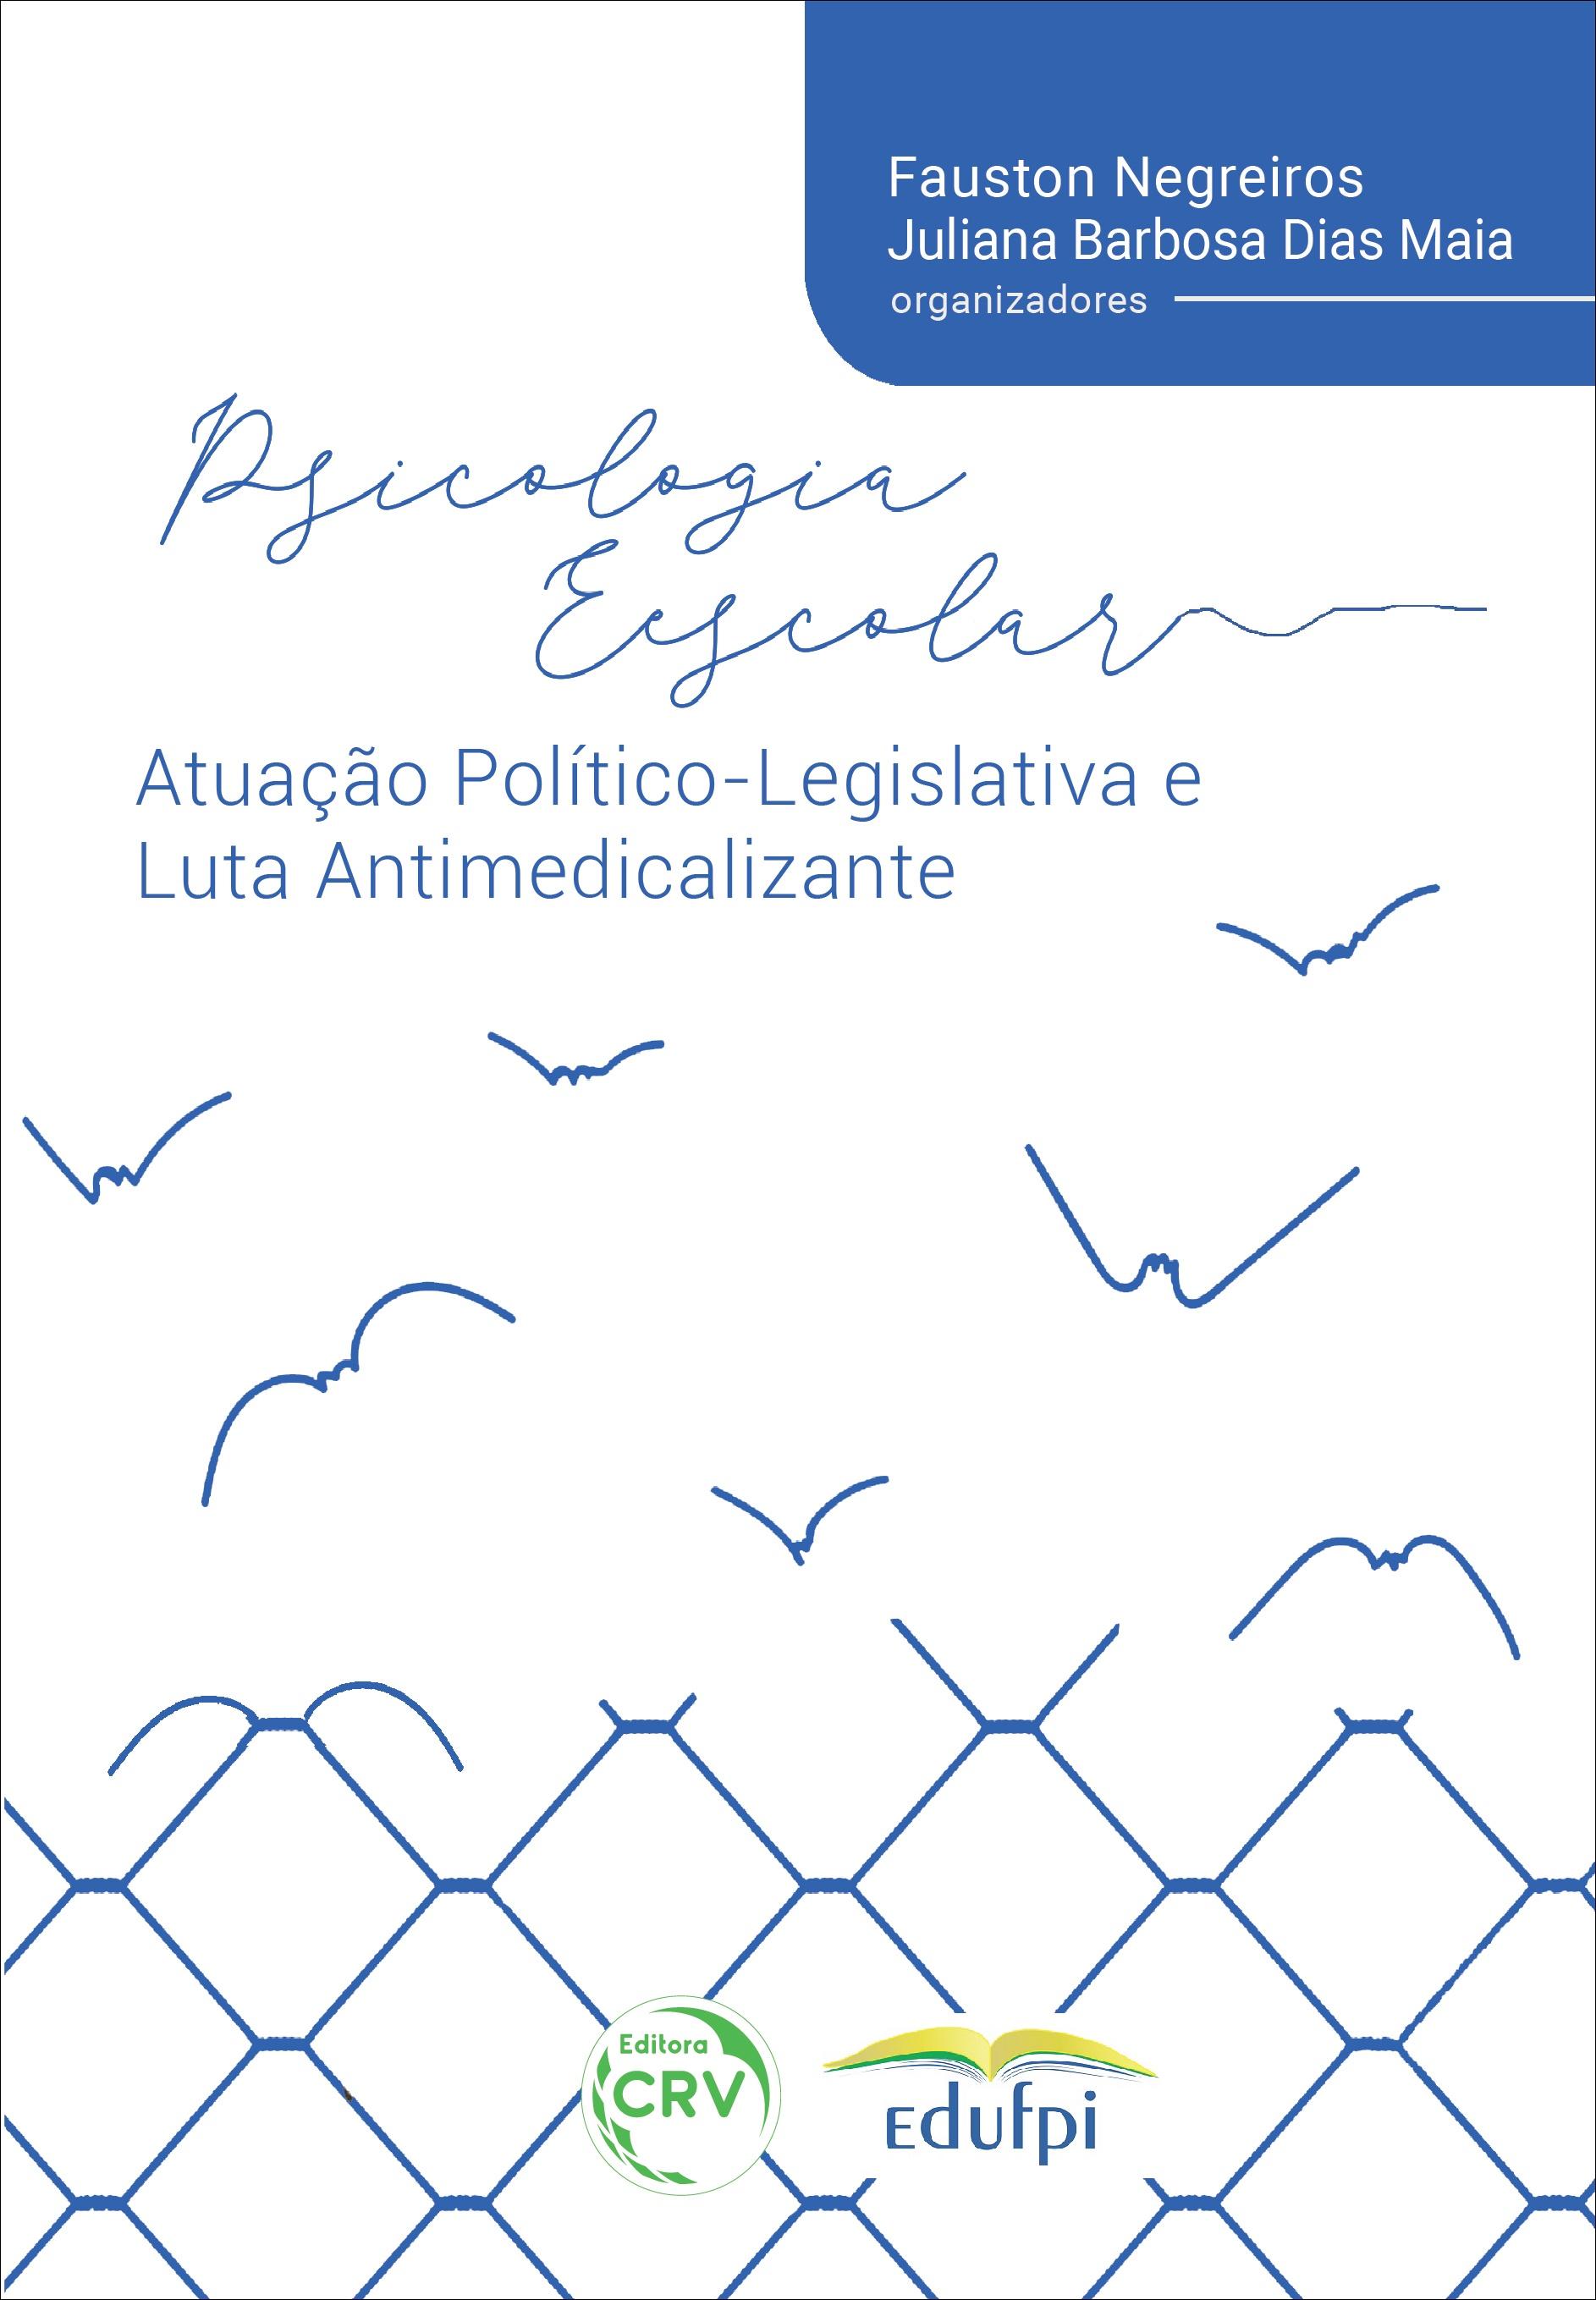 Capa do livro: PSICOLOGIA ESCOLAR, ATUAÇÃO POLÍTICO-LEGISLATIVA E LUTA ANTIMEDICALIZANTE